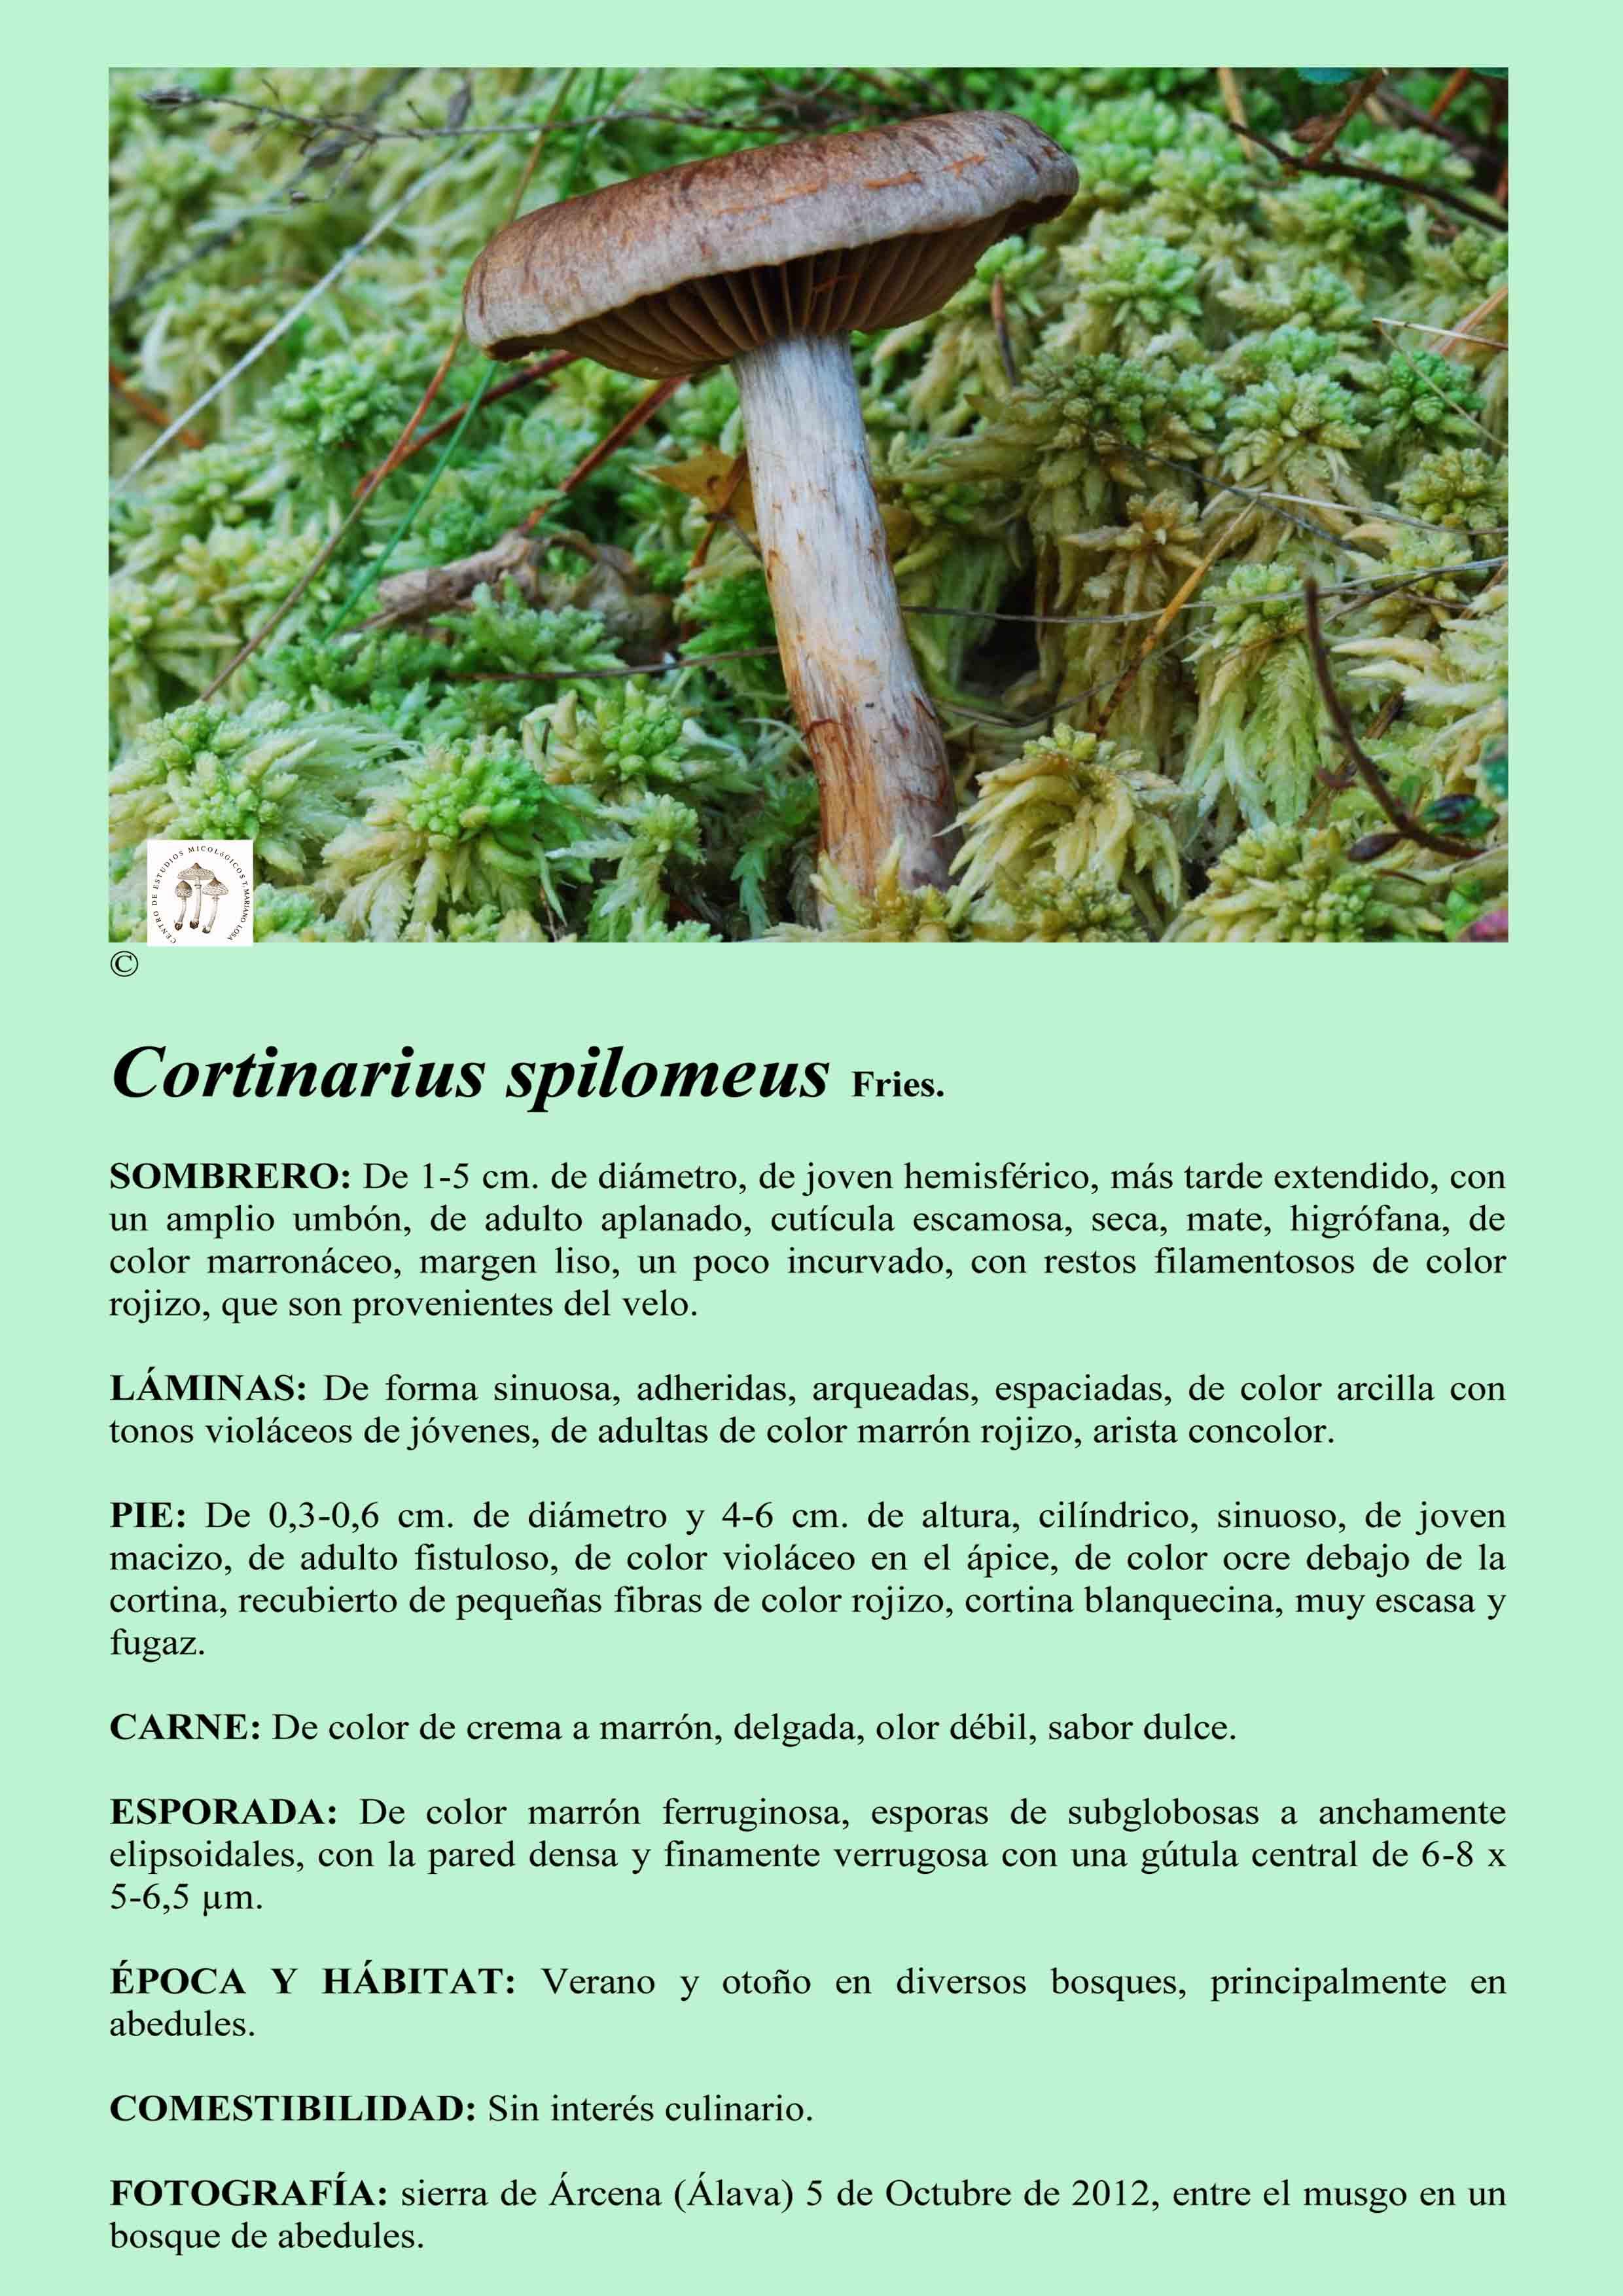 C.spilomeus